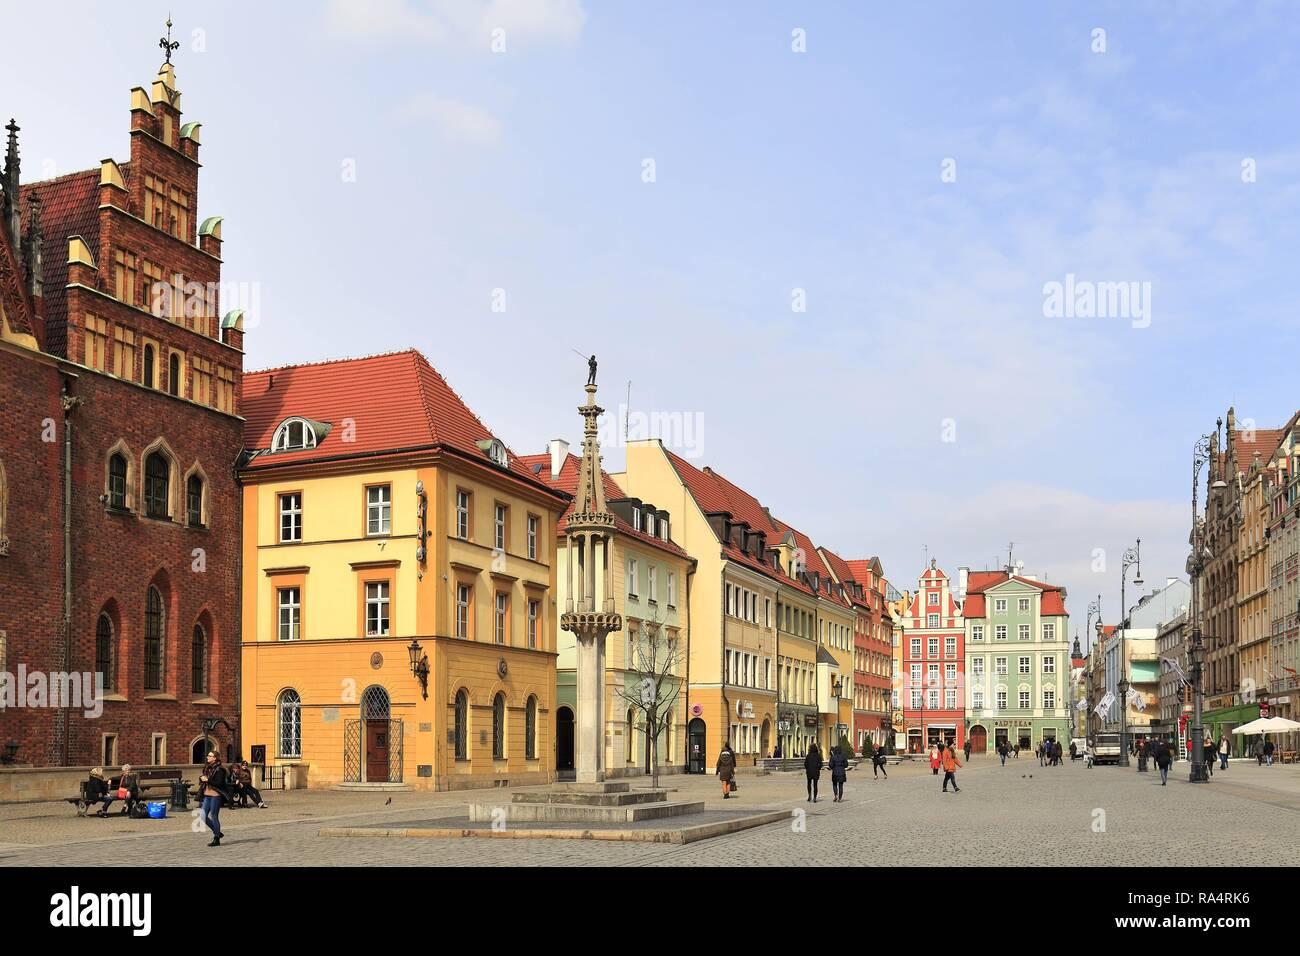 Polska - Slask - Wroclaw - Stare Miasto - Rynek - historyczna dzielnica Wroclawia Poland - Silesia - Wroclaw - old town and market square in historic quarter of Wroclaw - Stock Image